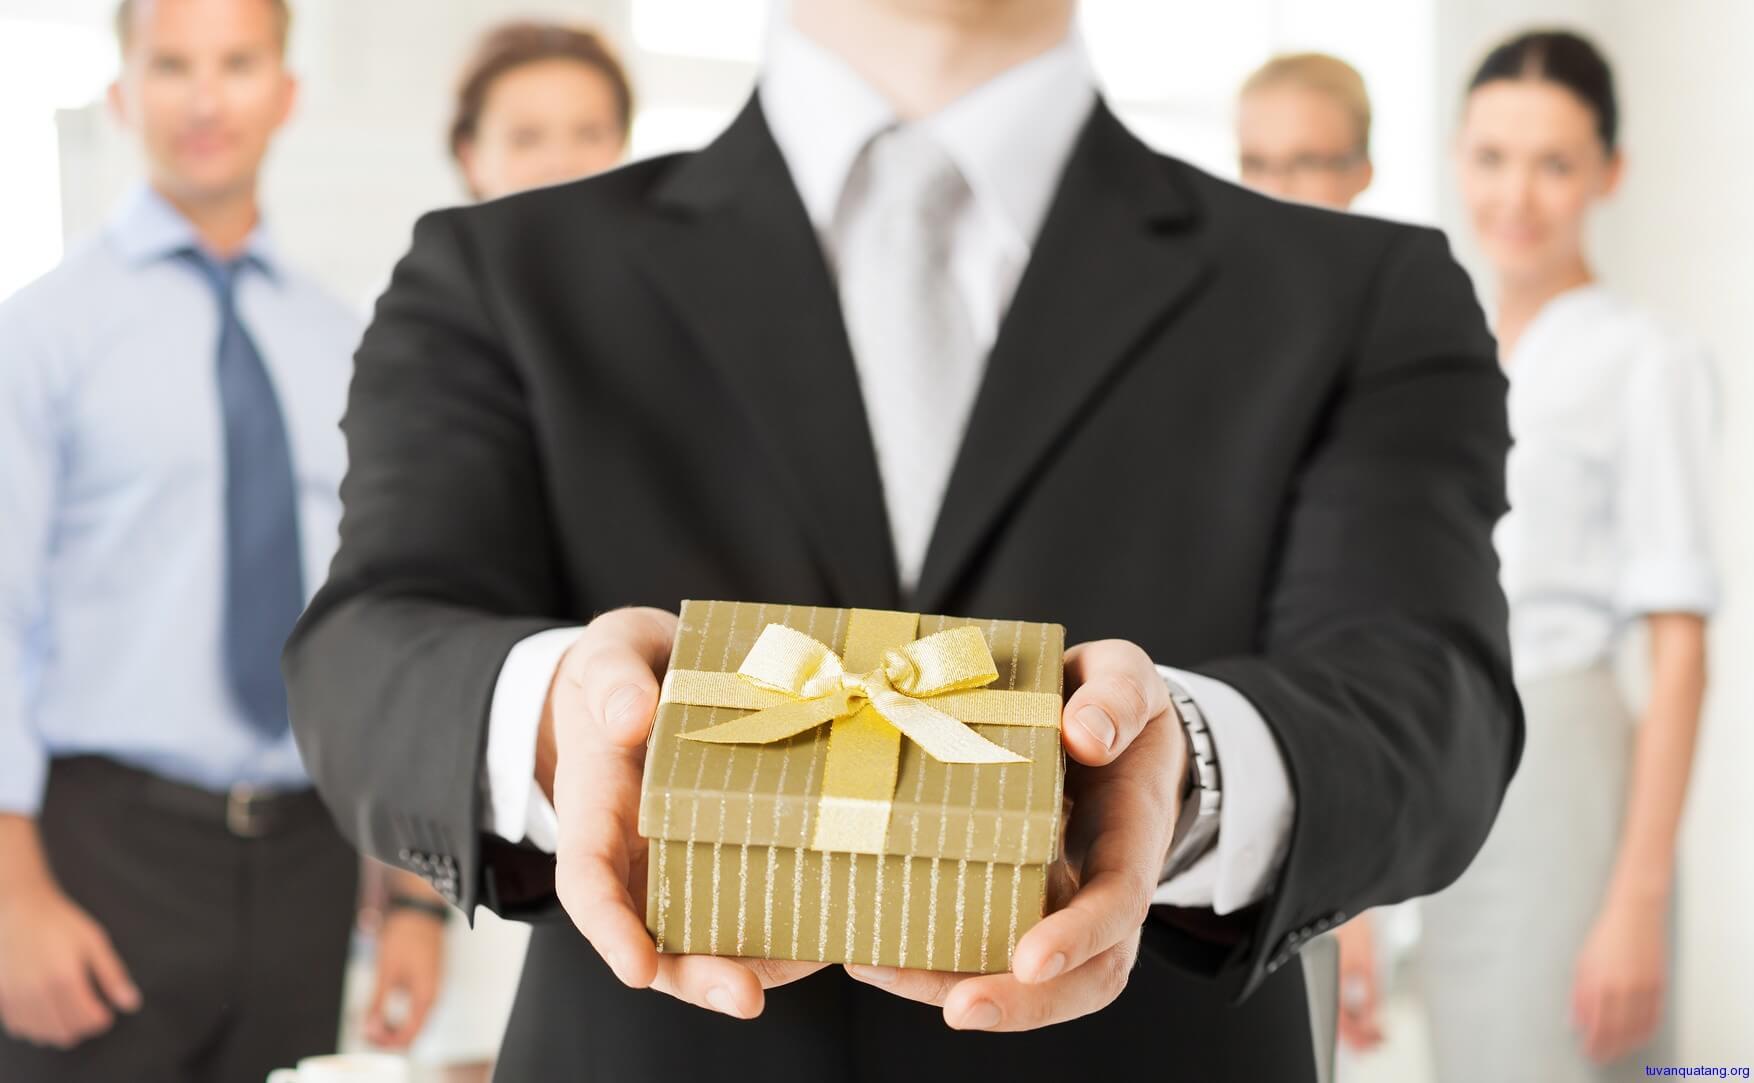 Nên tìm hiểu thật kỹ trước khi quyết định chọn mua quà tặng sếp - Nguồn ảnh: Internet